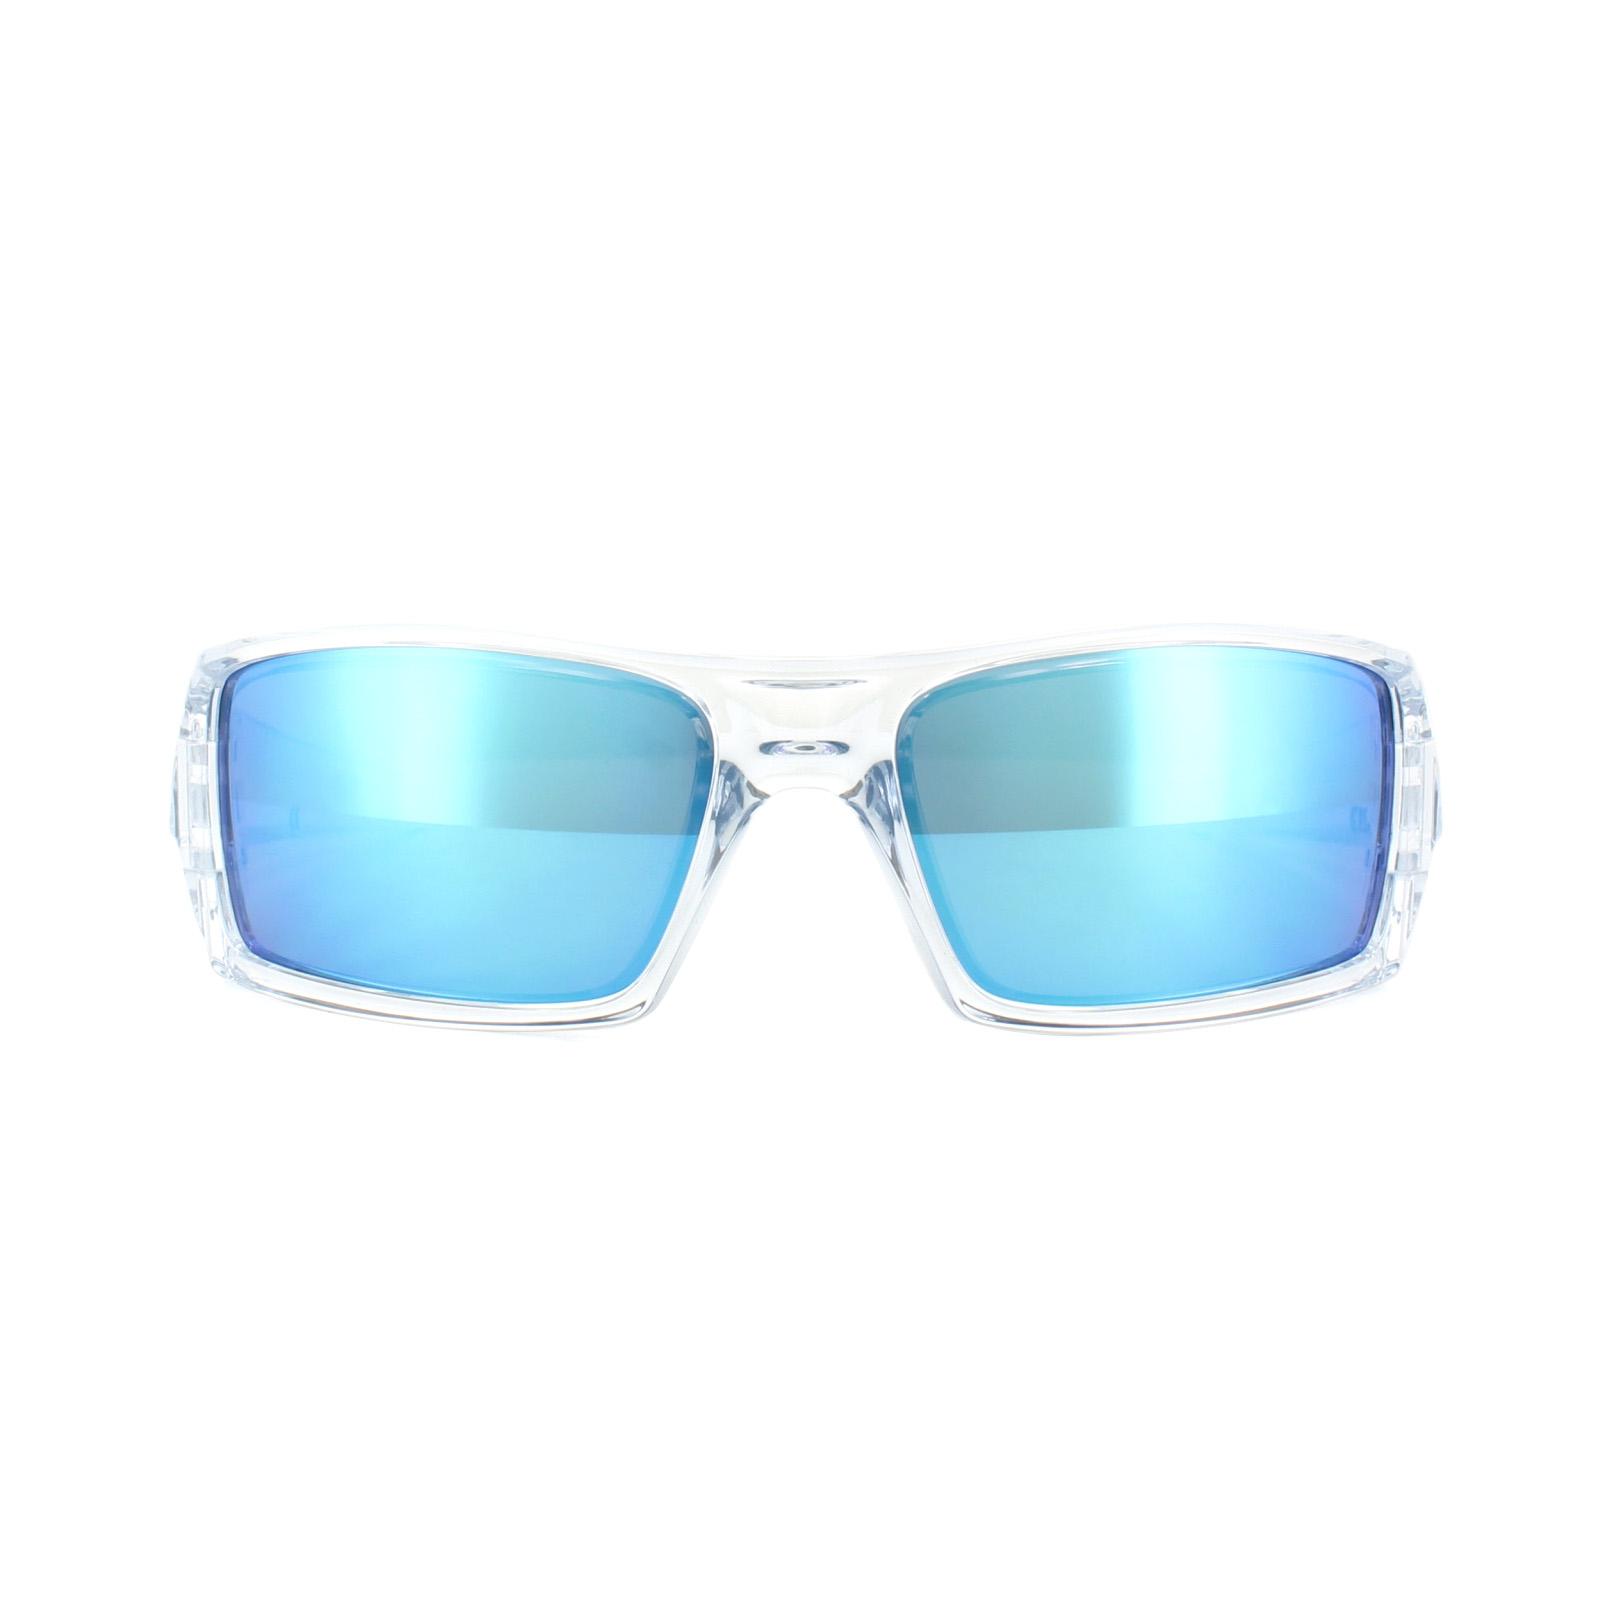 OAKLEY GASCAN Polished Clear / Sapphire Iridium 9014-17 9YUVEwf